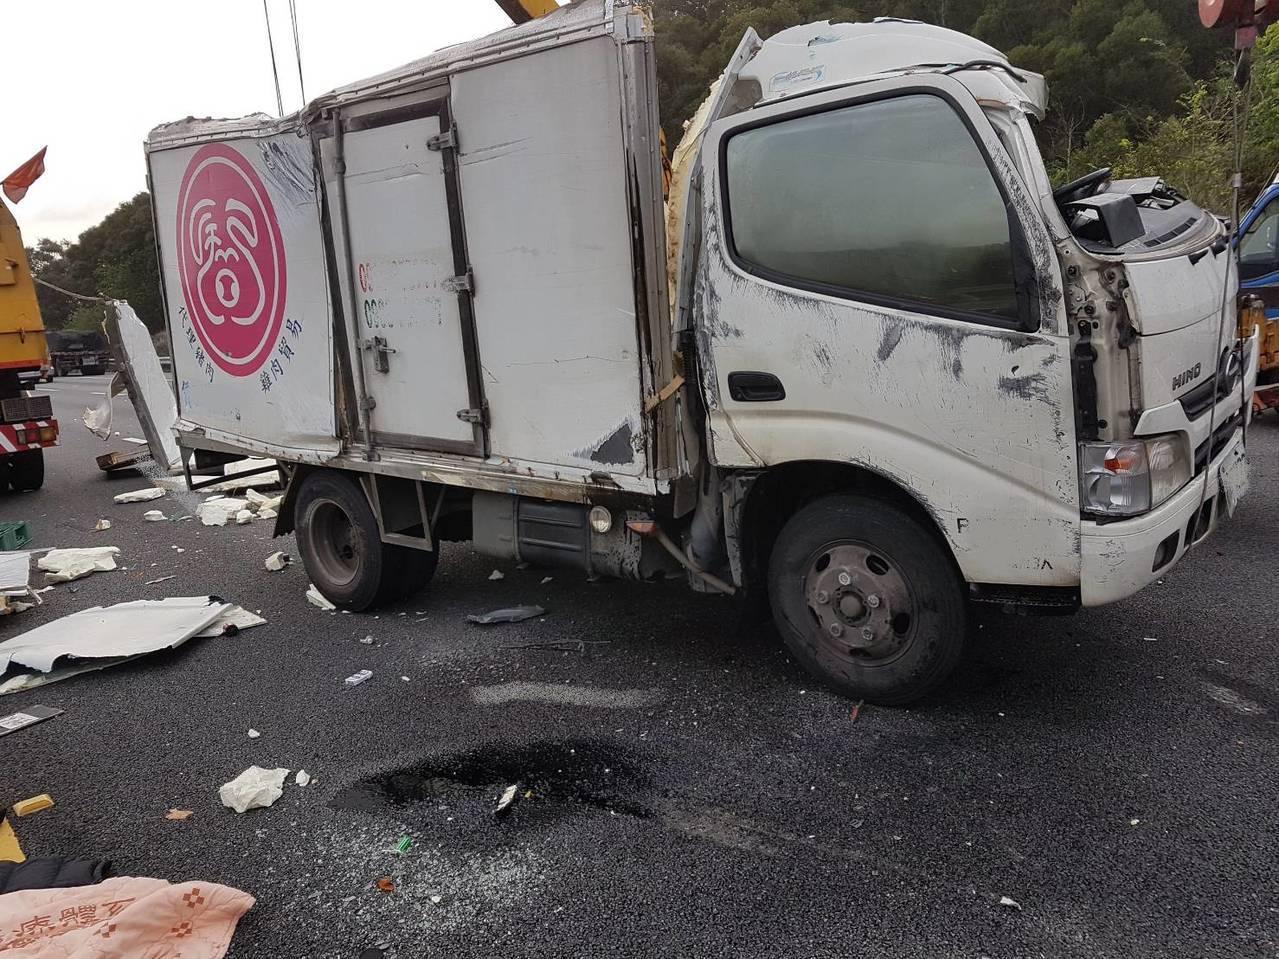 小貨車疑似衝撞前方施工的緩撞車、掃街車,造成一人死亡車禍。圖/記者胡蓬生翻攝